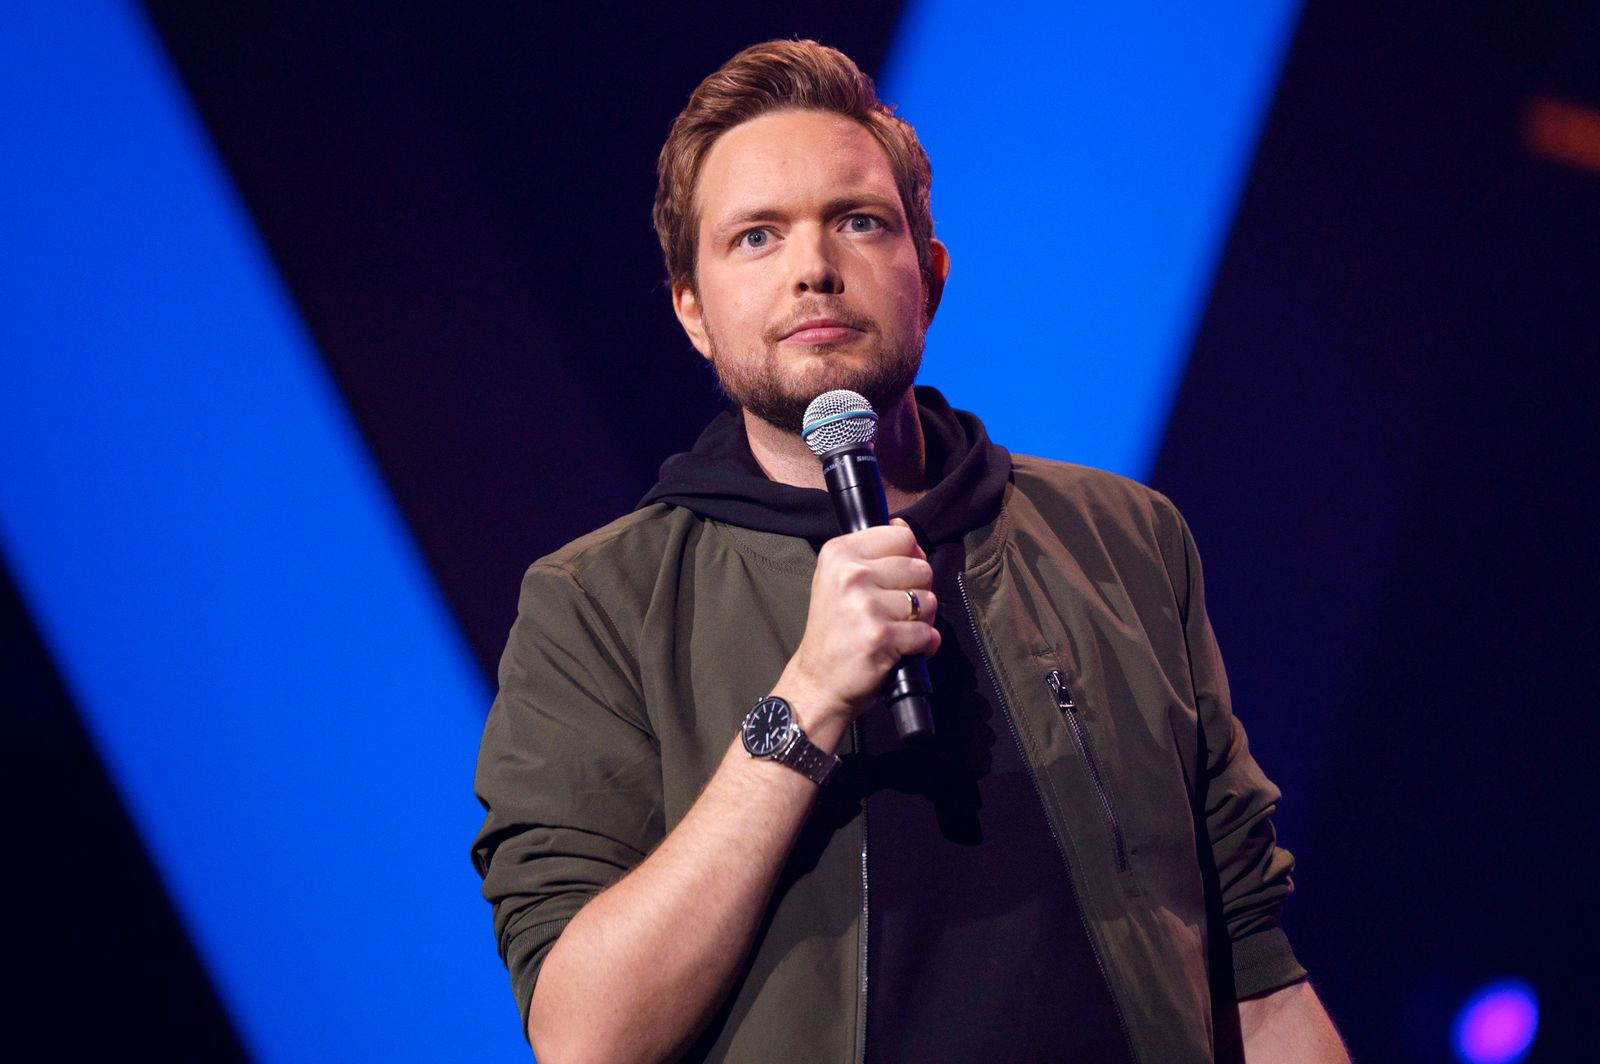 Bastian Bielendorfer bei der1Live Köln Comedy-Nacht XXL in der Lanxess Arena. Köln, 26.10.2019 *** Bastian Bielendorfer